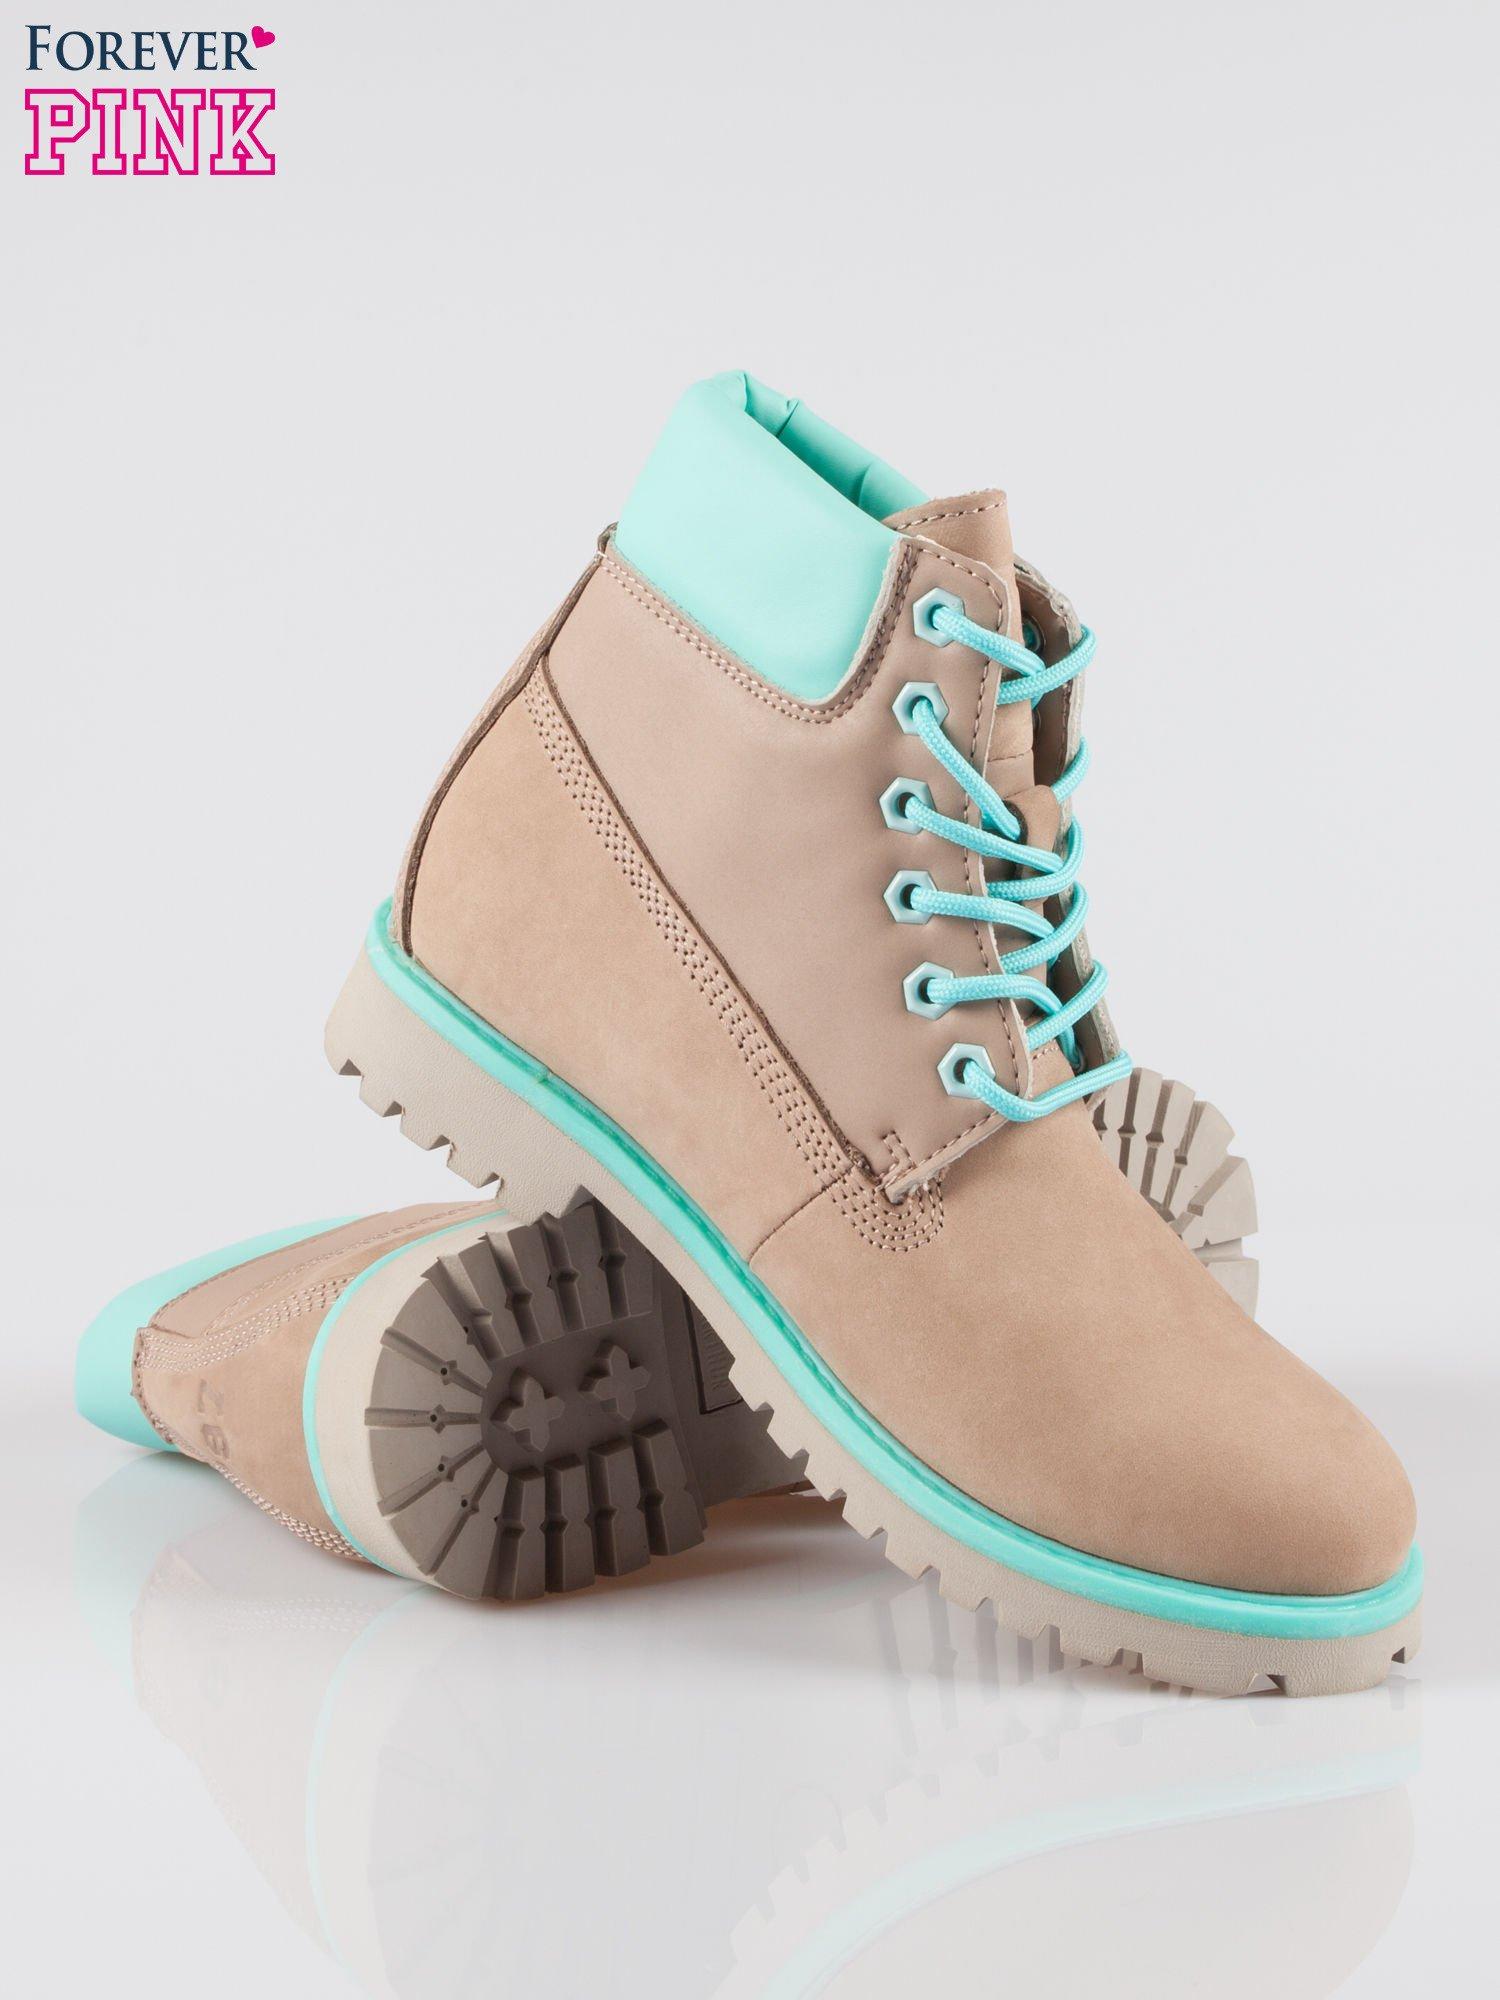 Szare buty trekkingowe traperki damskie ze skóry naturalnej                                  zdj.                                  4